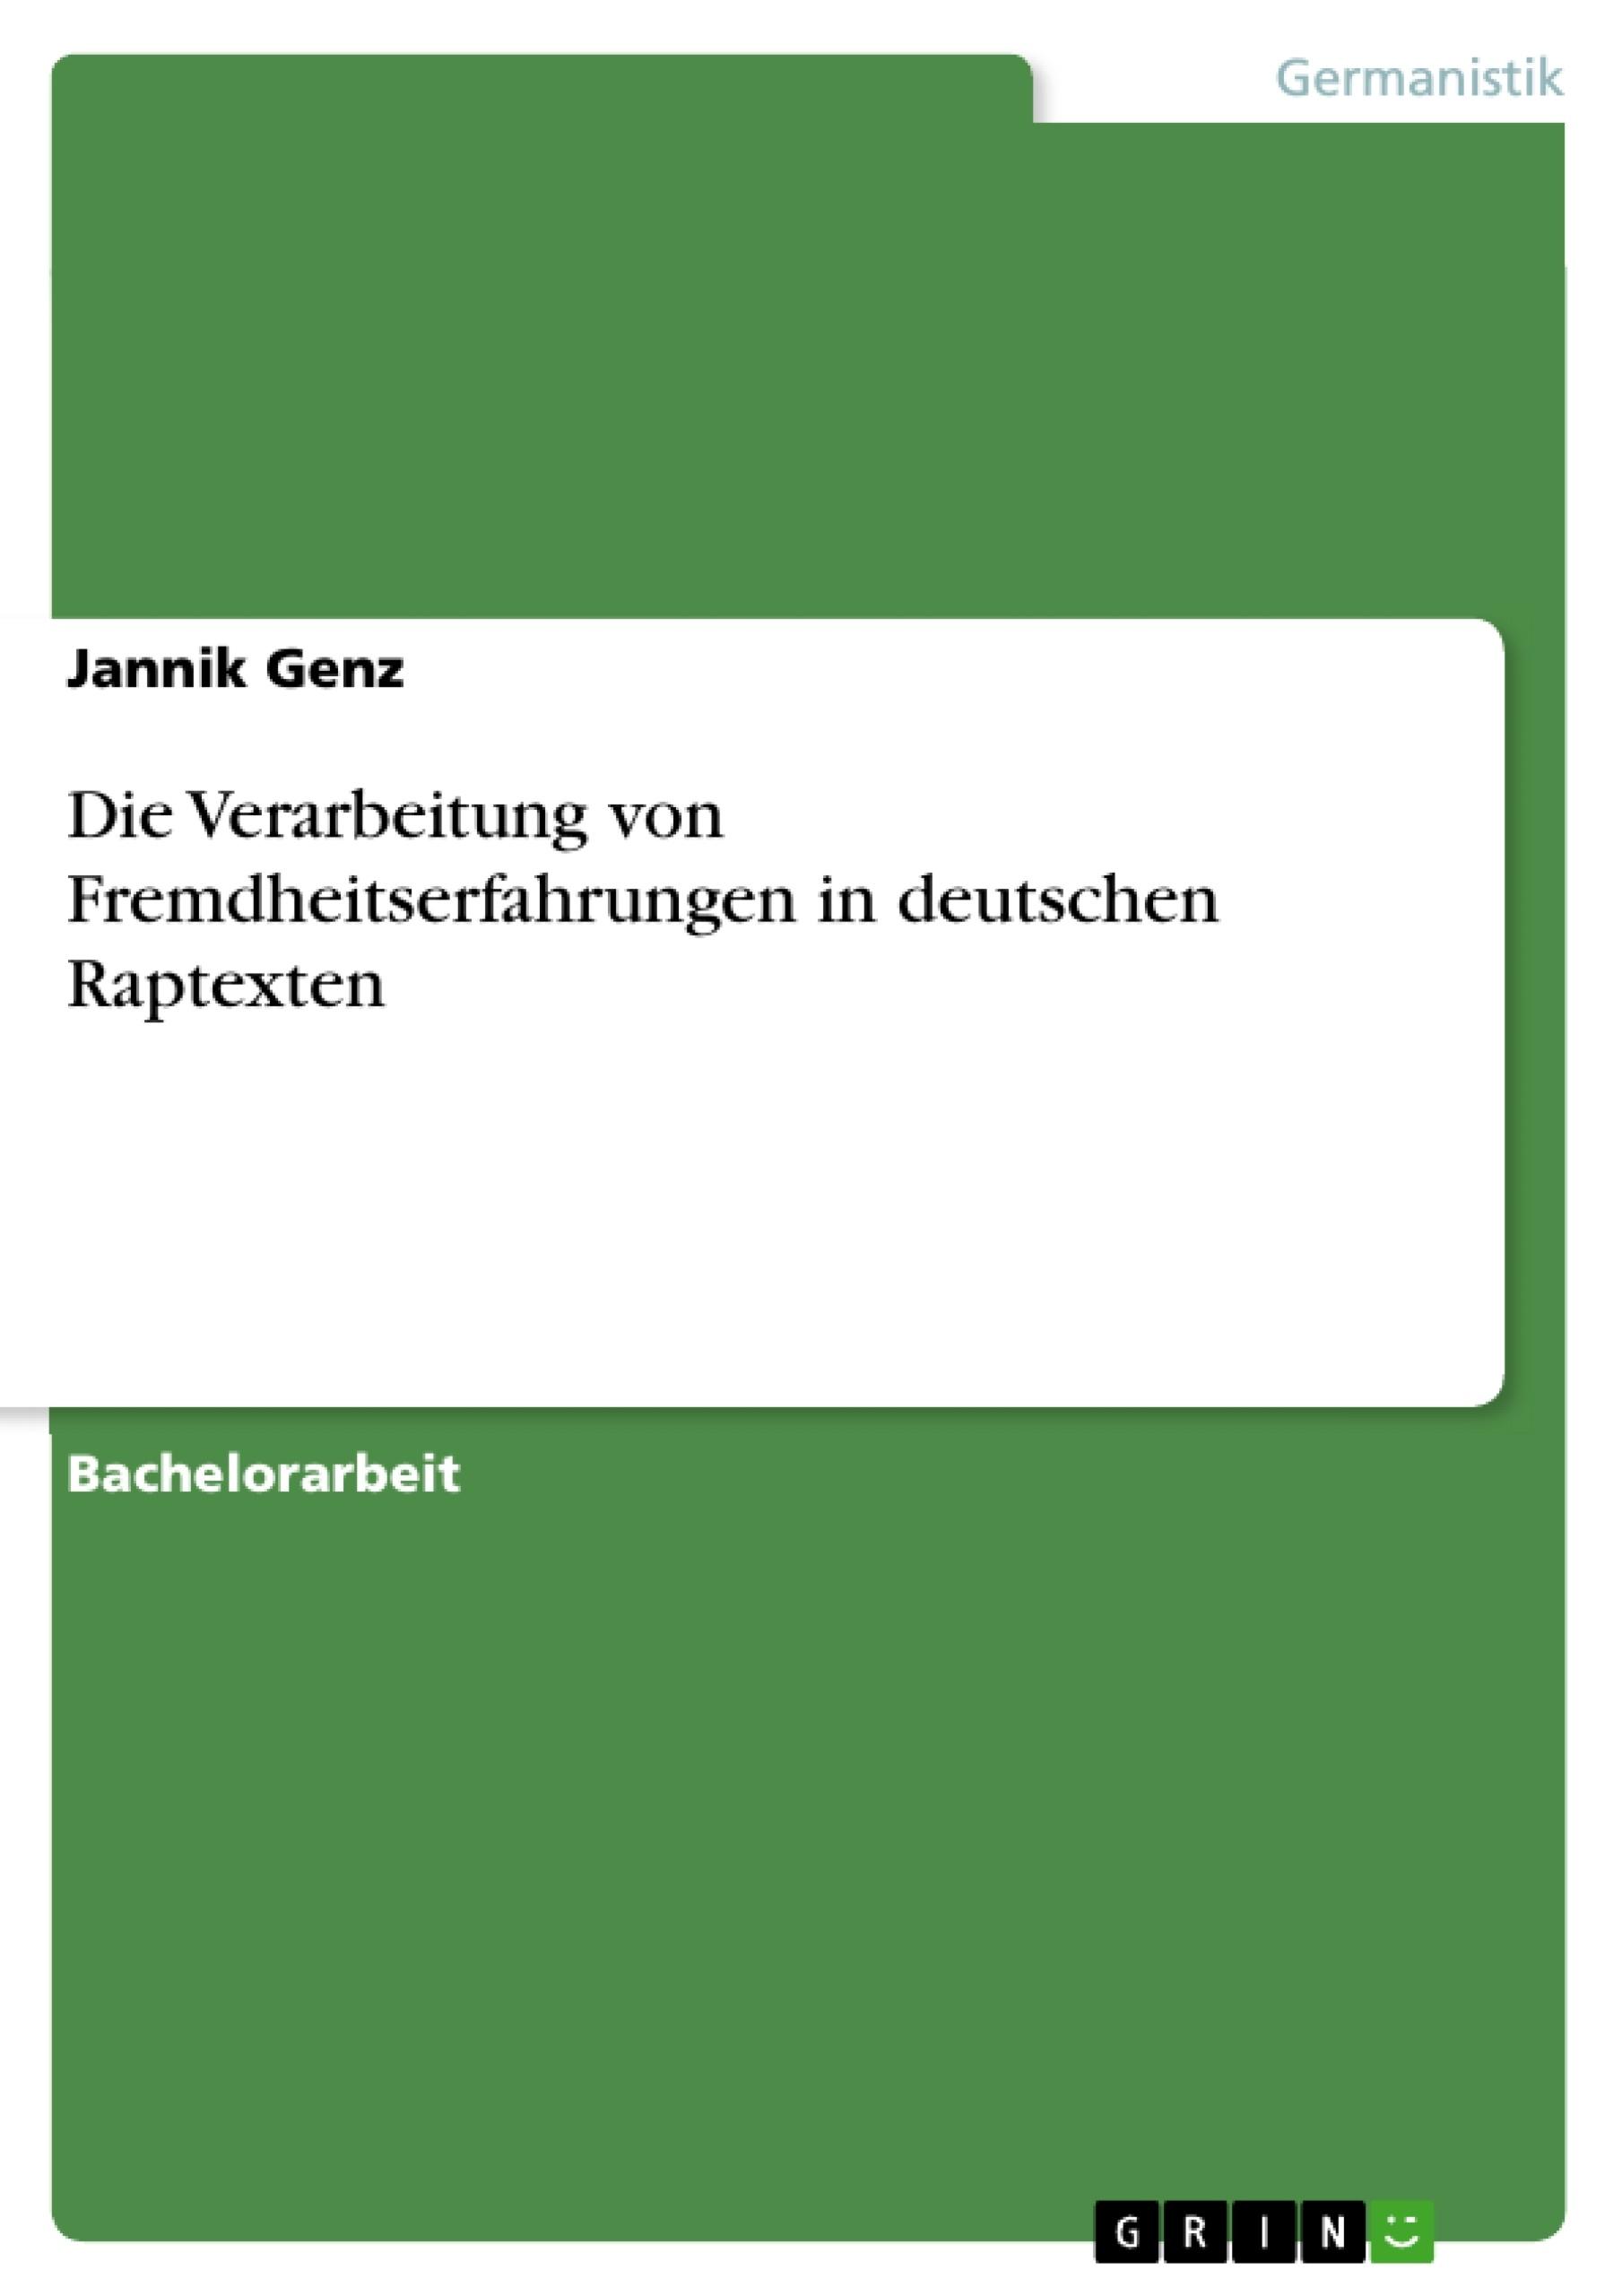 Titel: Die Verarbeitung von Fremdheitserfahrungen in deutschen Raptexten